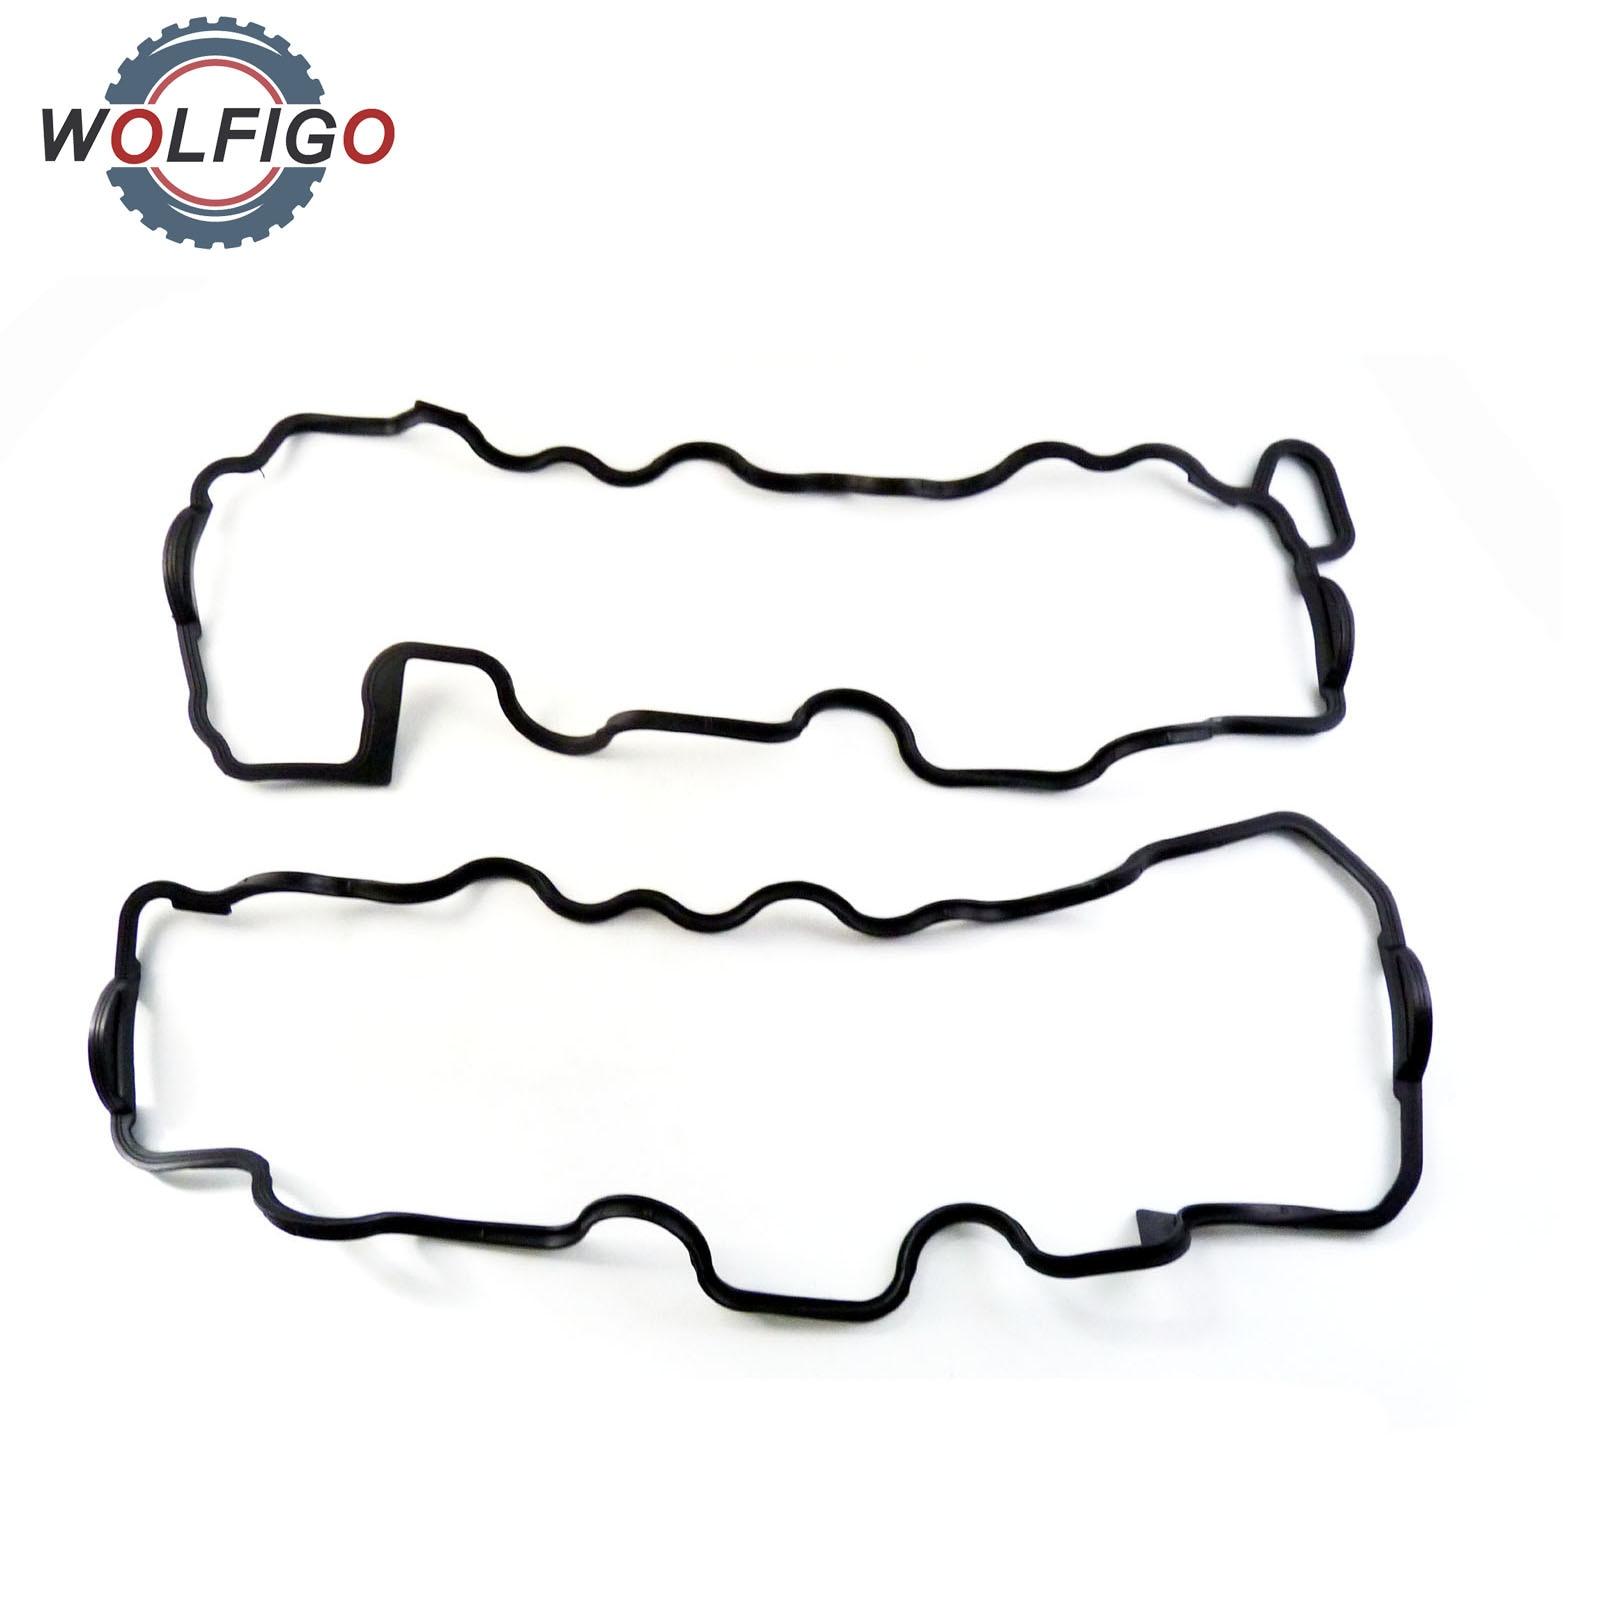 Aliexpress.com : Buy WOLFIGO for MERCEDES W202 W210 W211